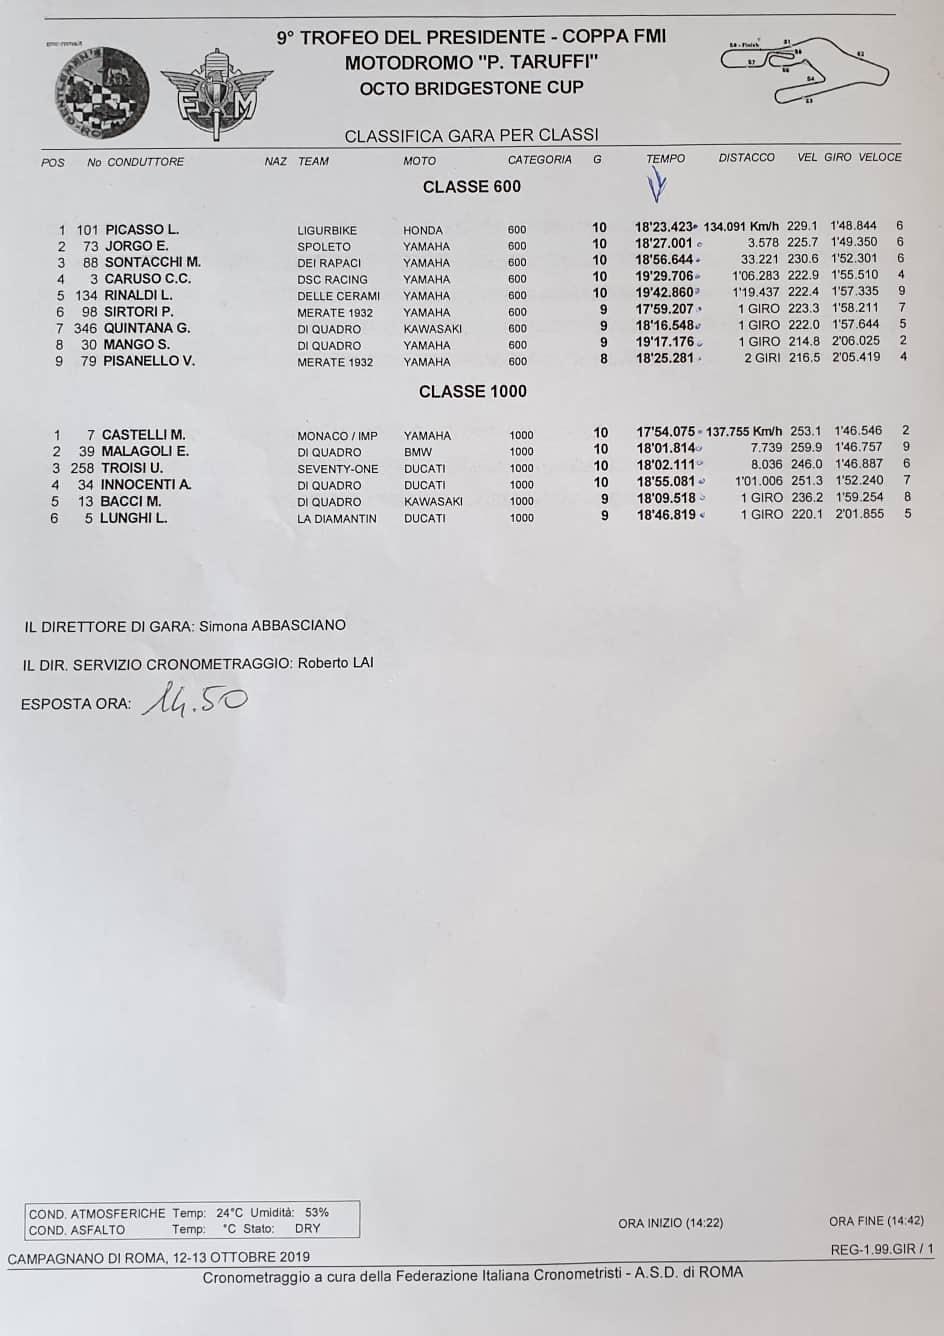 Classifica di gara per classi - Vallelunga 2019